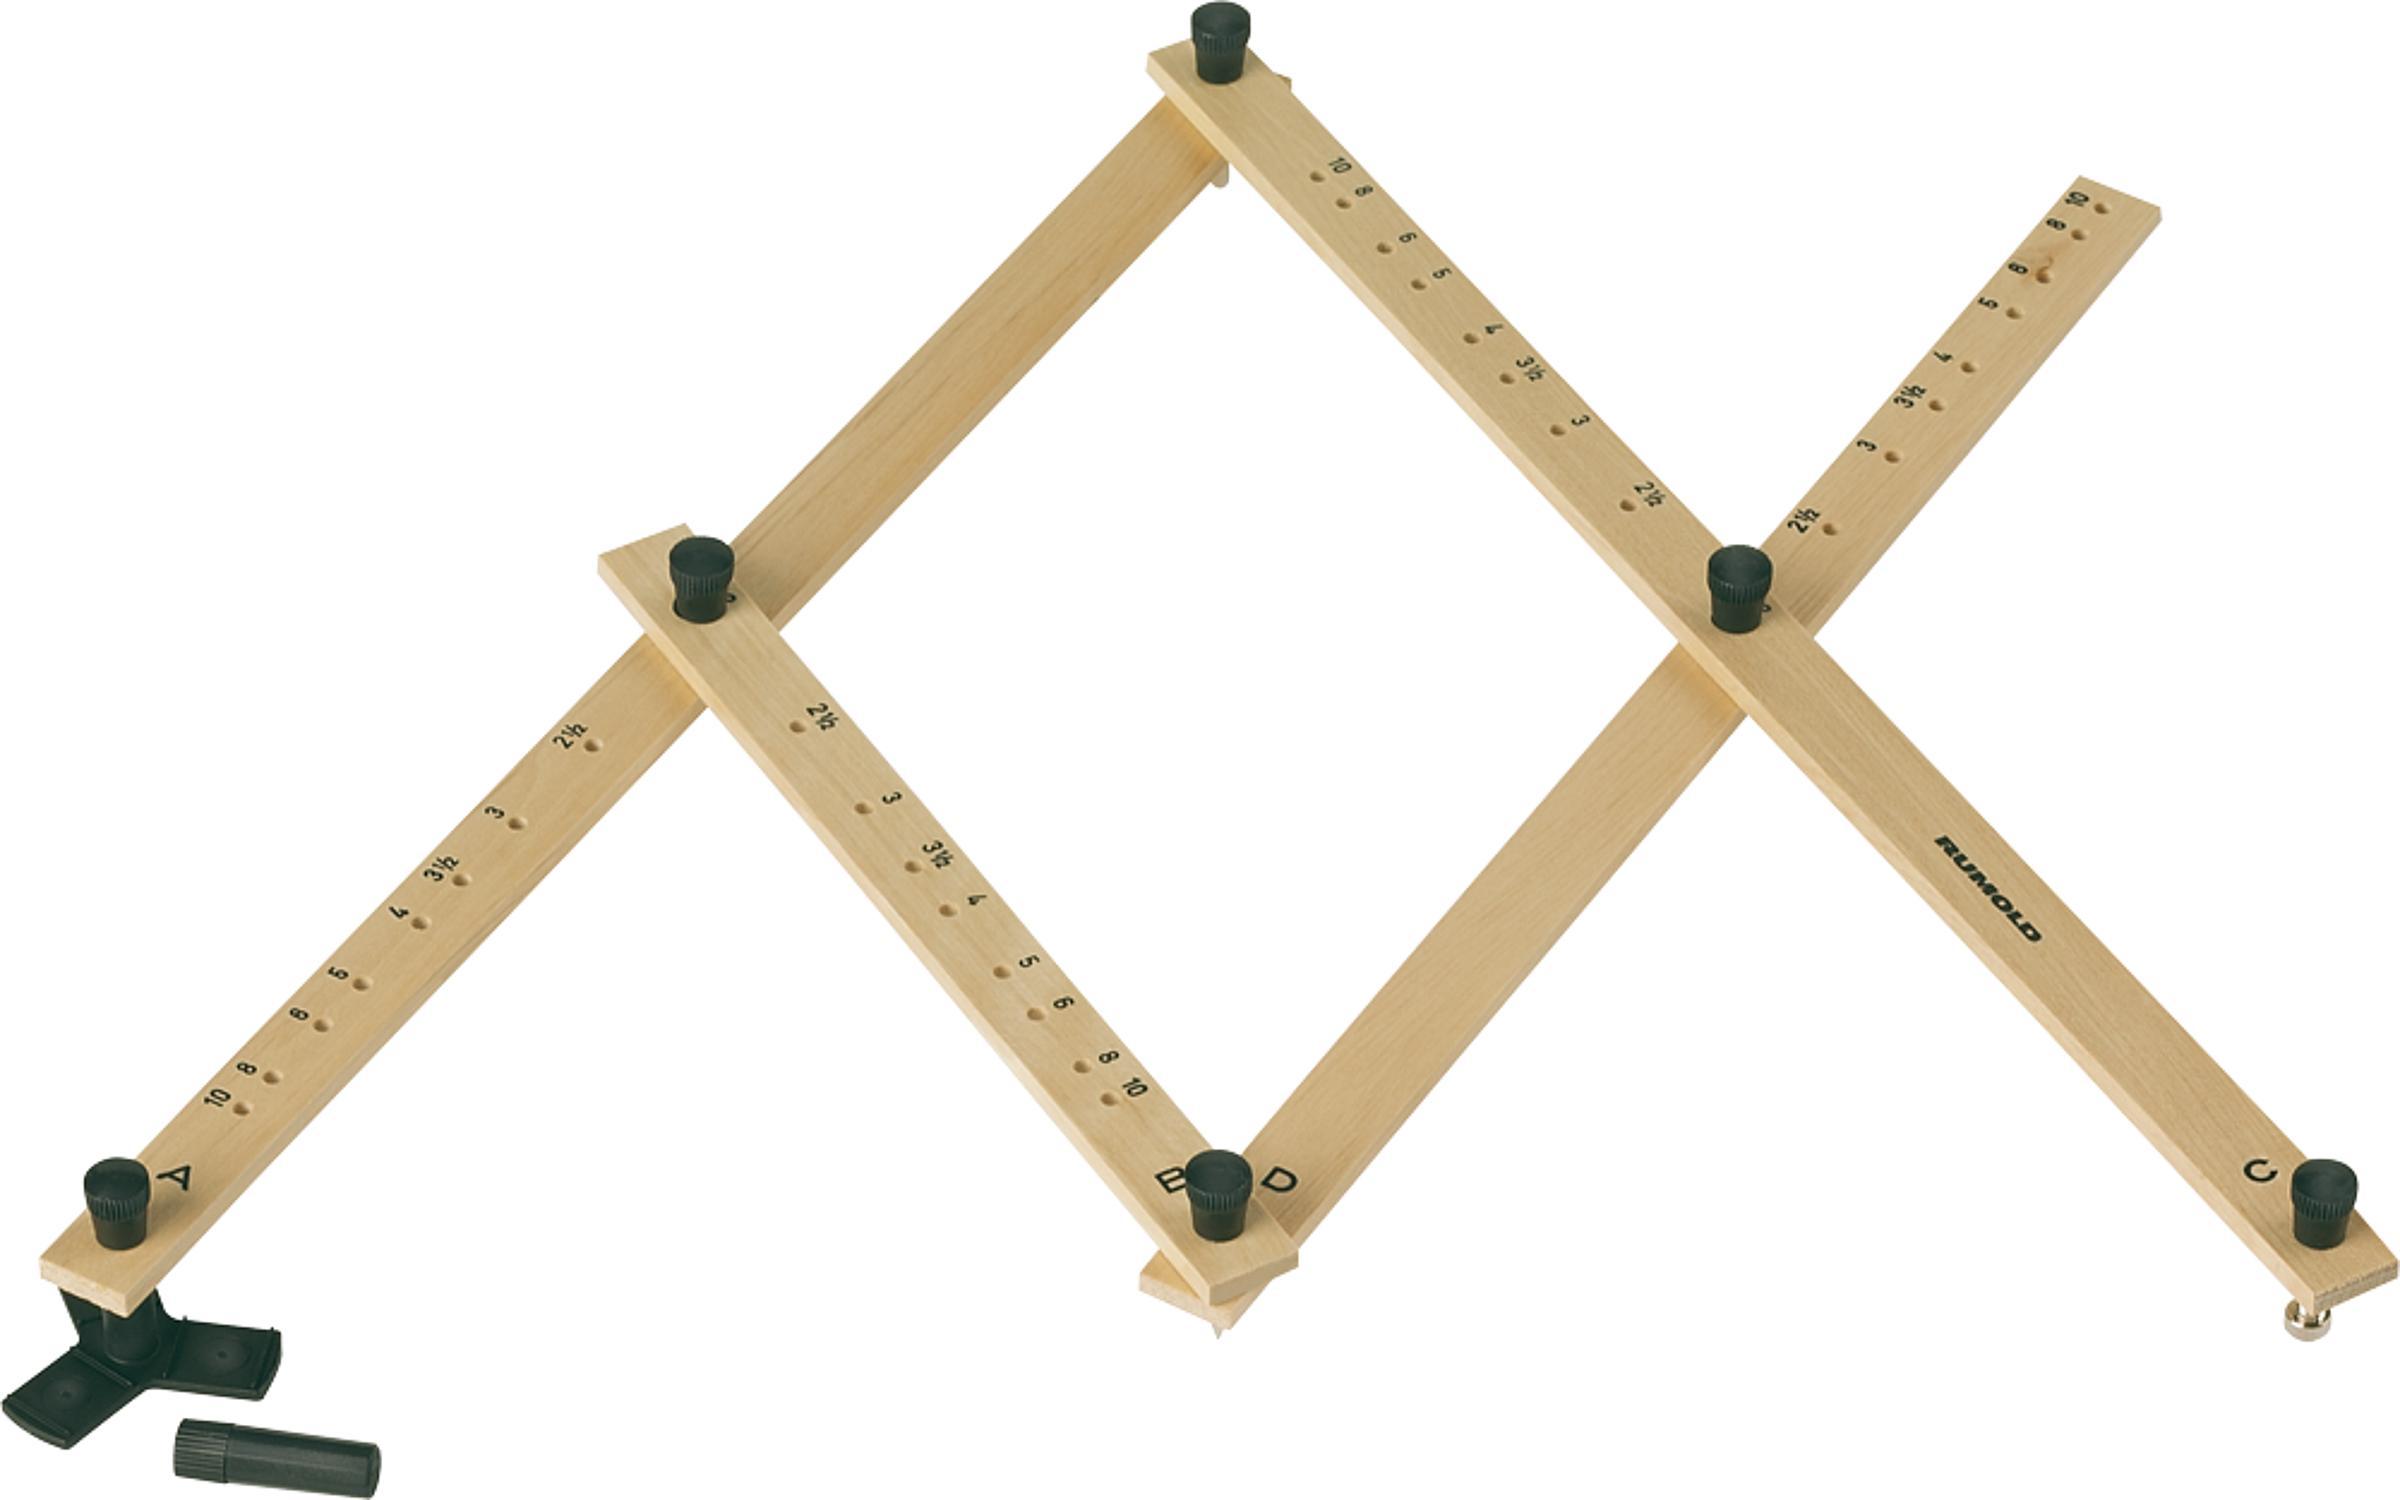 34cm Künstler Pantograph Pantograf Storchenschnabel für Vergrößern verkleinern